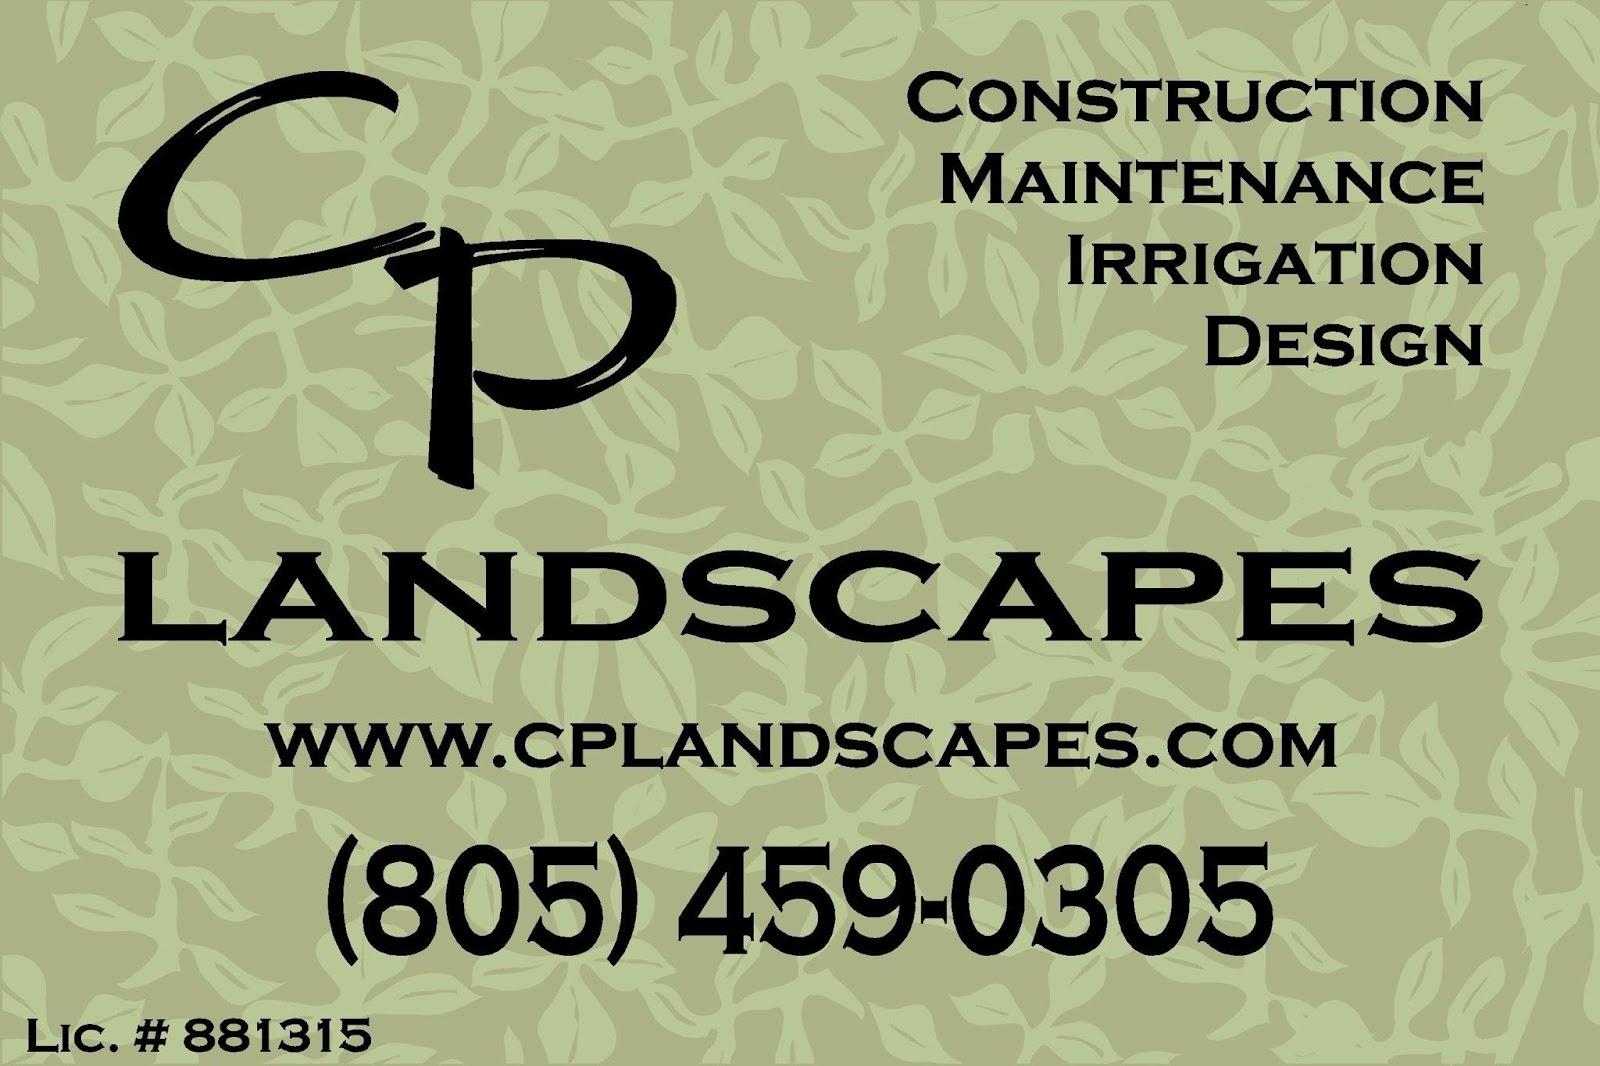 CP Landscapes magnet.jpg